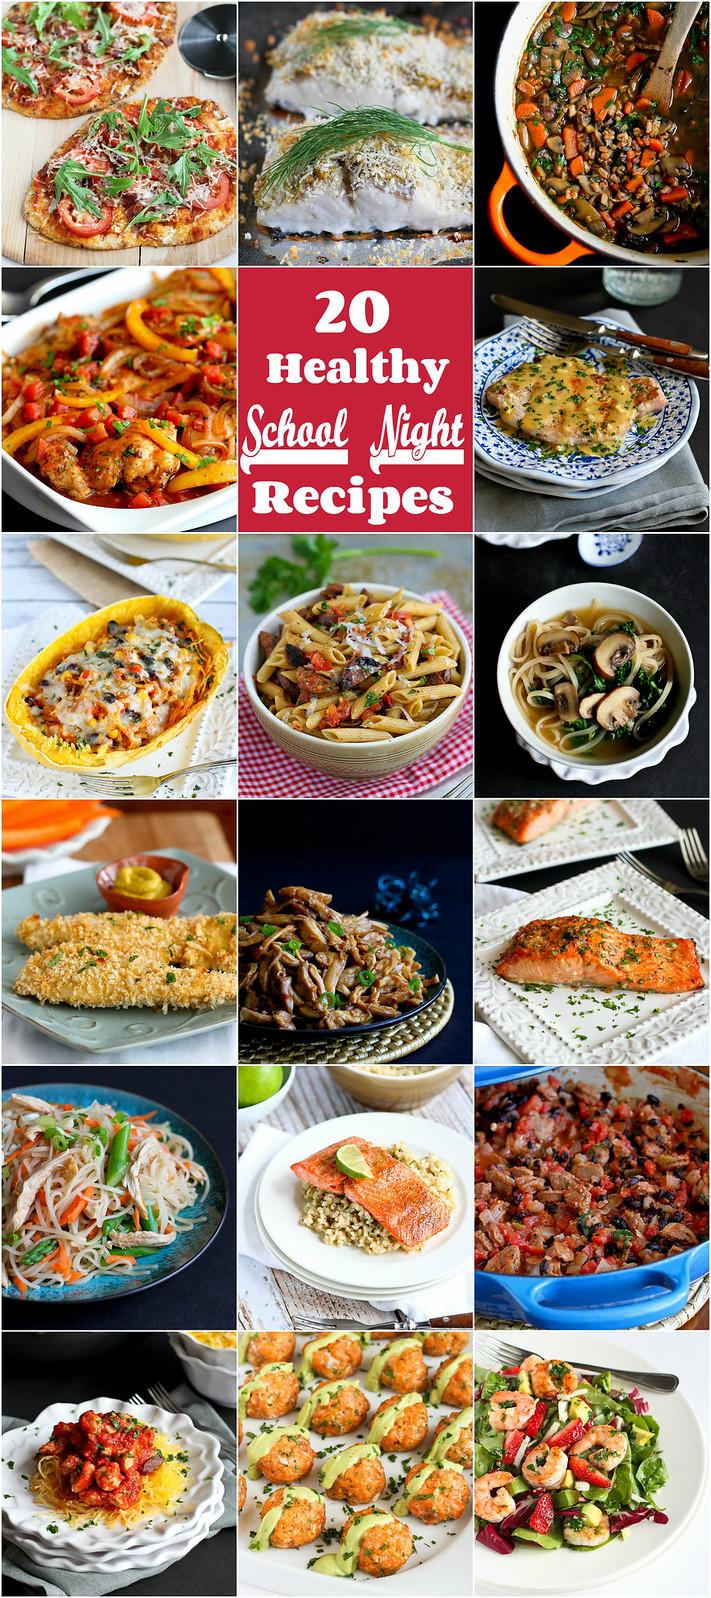 20 Healthy School Night Recipes | cookincanuck.com